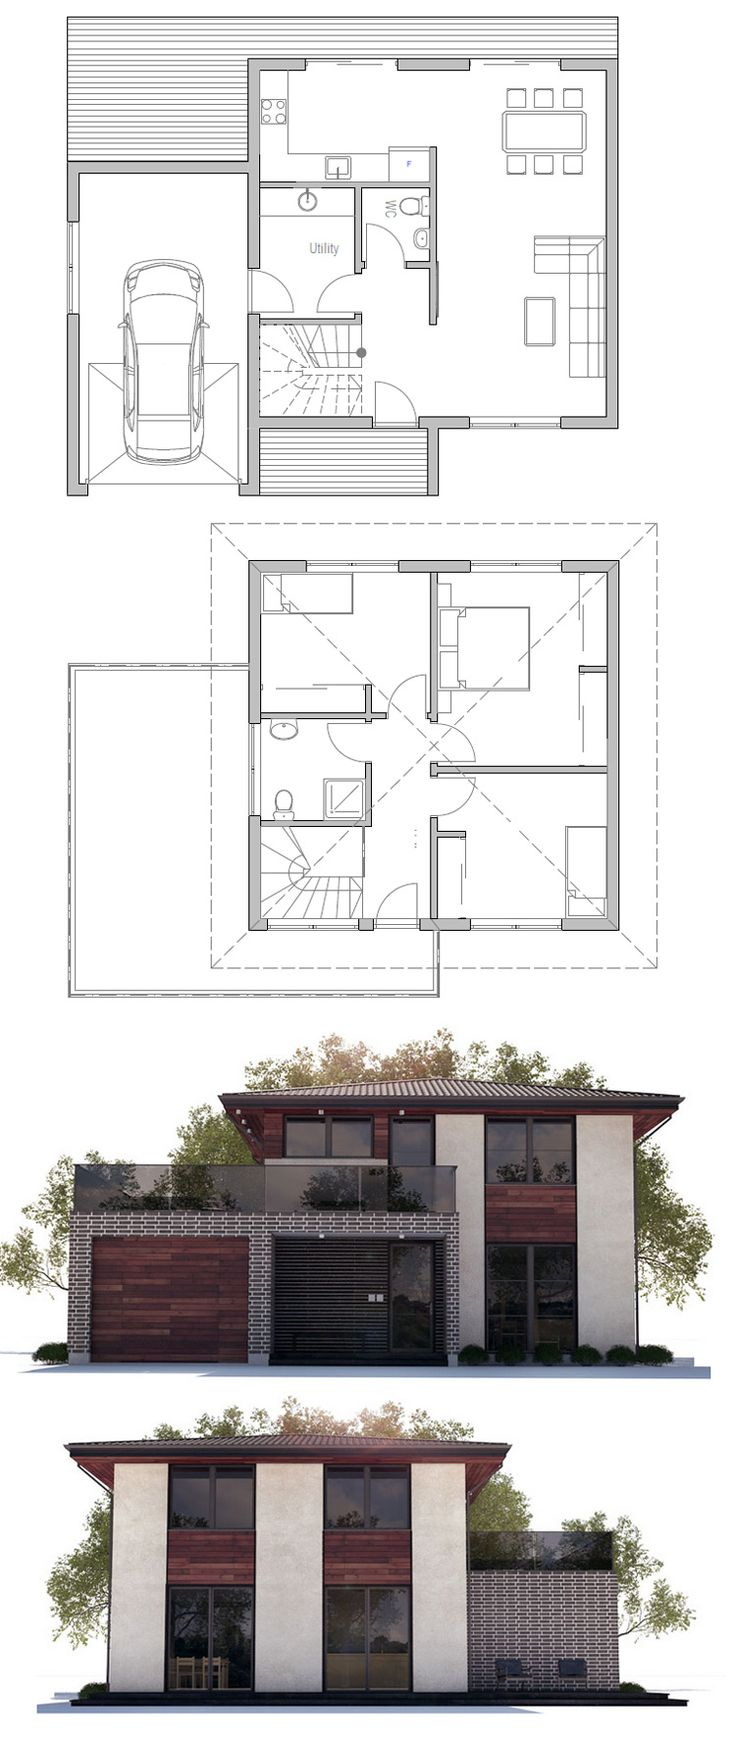 Plan de maison petite maison